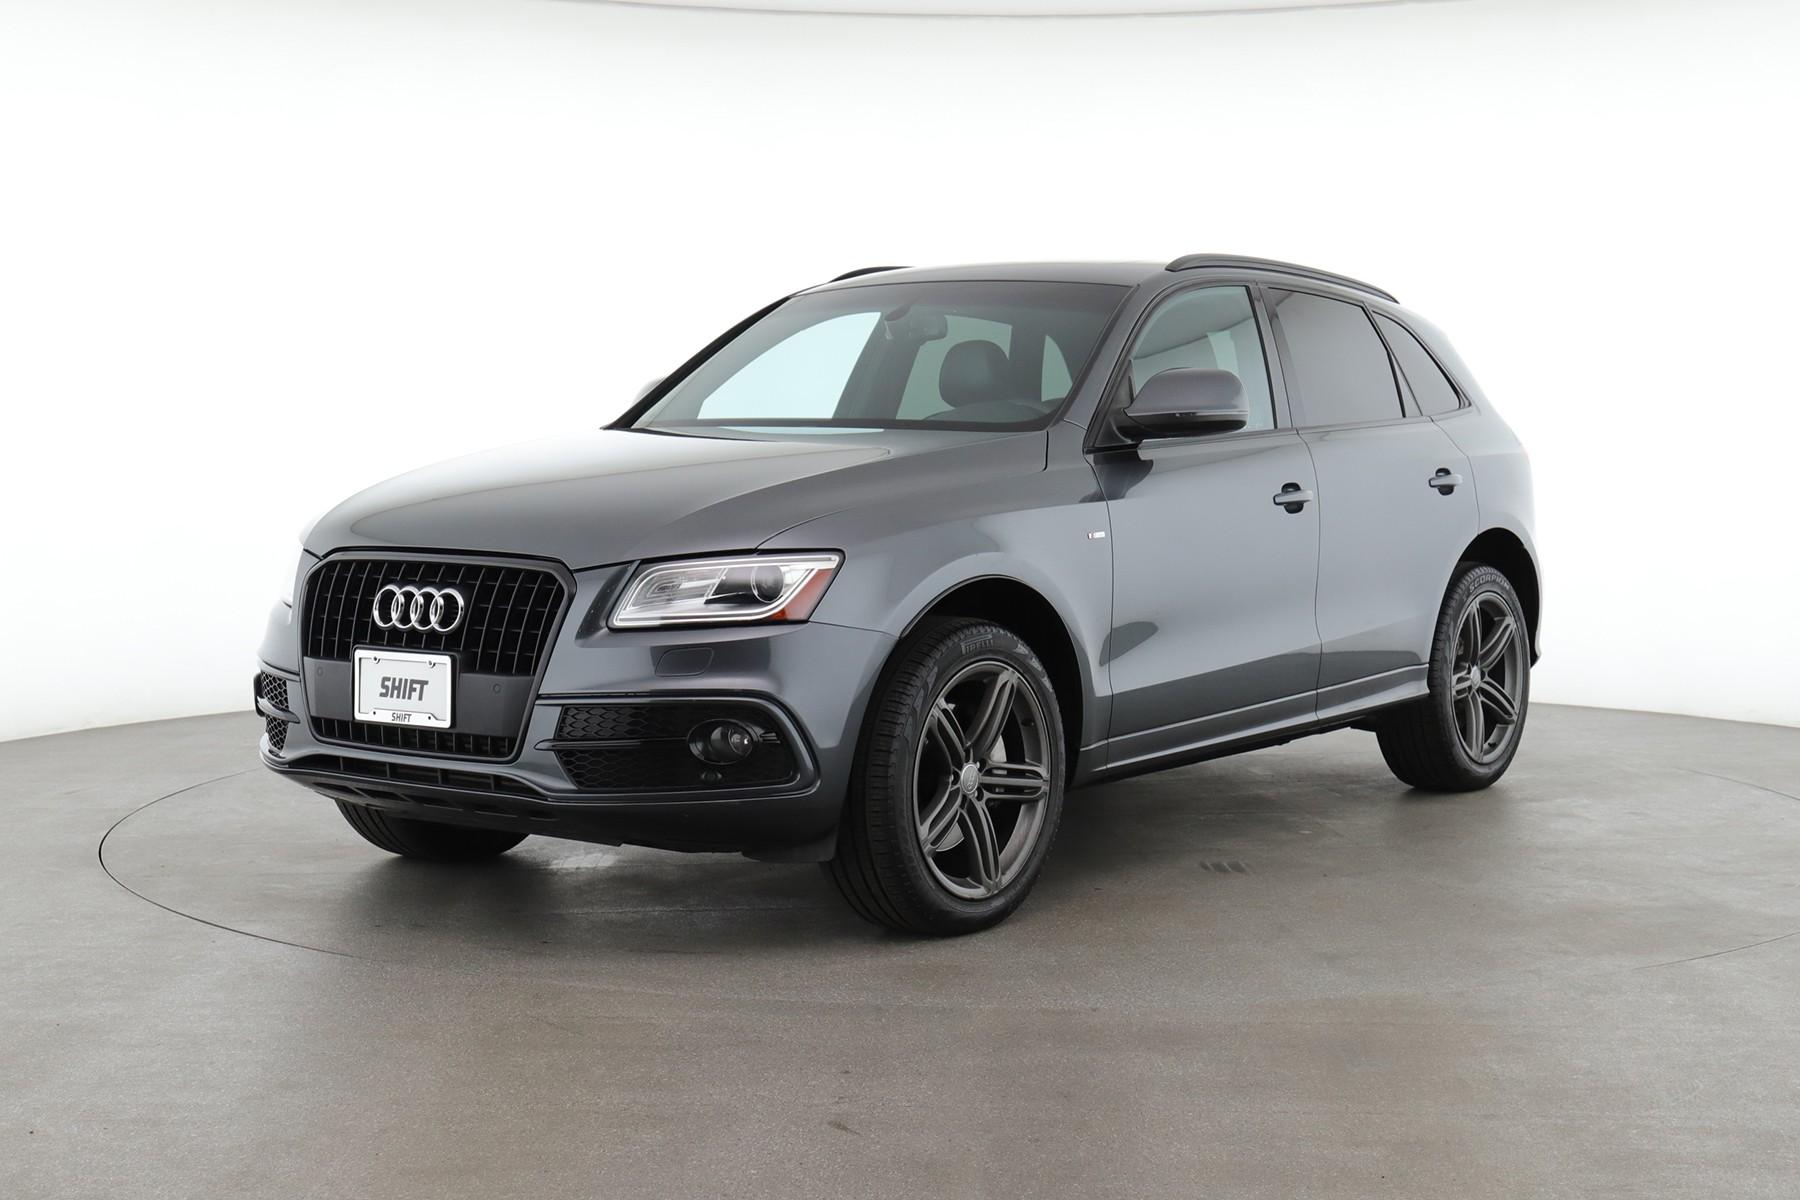 2014 Audi Q5 Premium Plus (from $23,650)